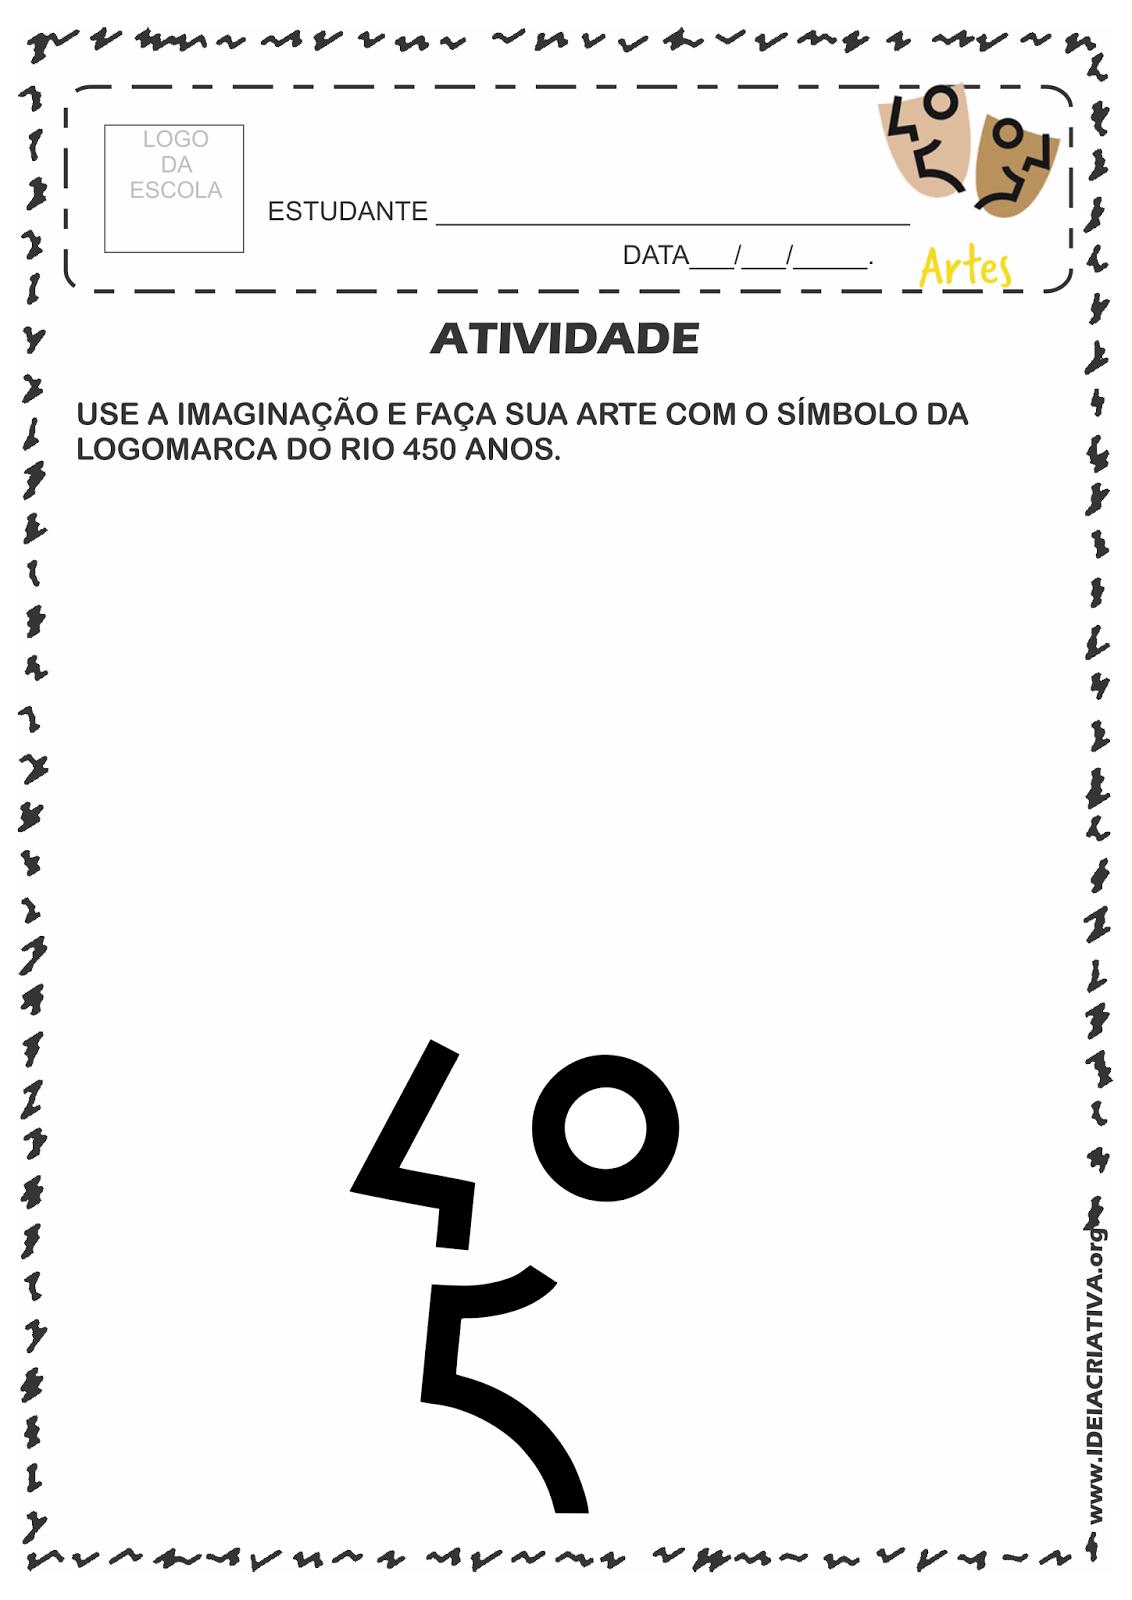 Atividade Rio 450 Anos Criando Conceito Criativo Próprio com o símbolo da Logomarca Rio 450 Anos